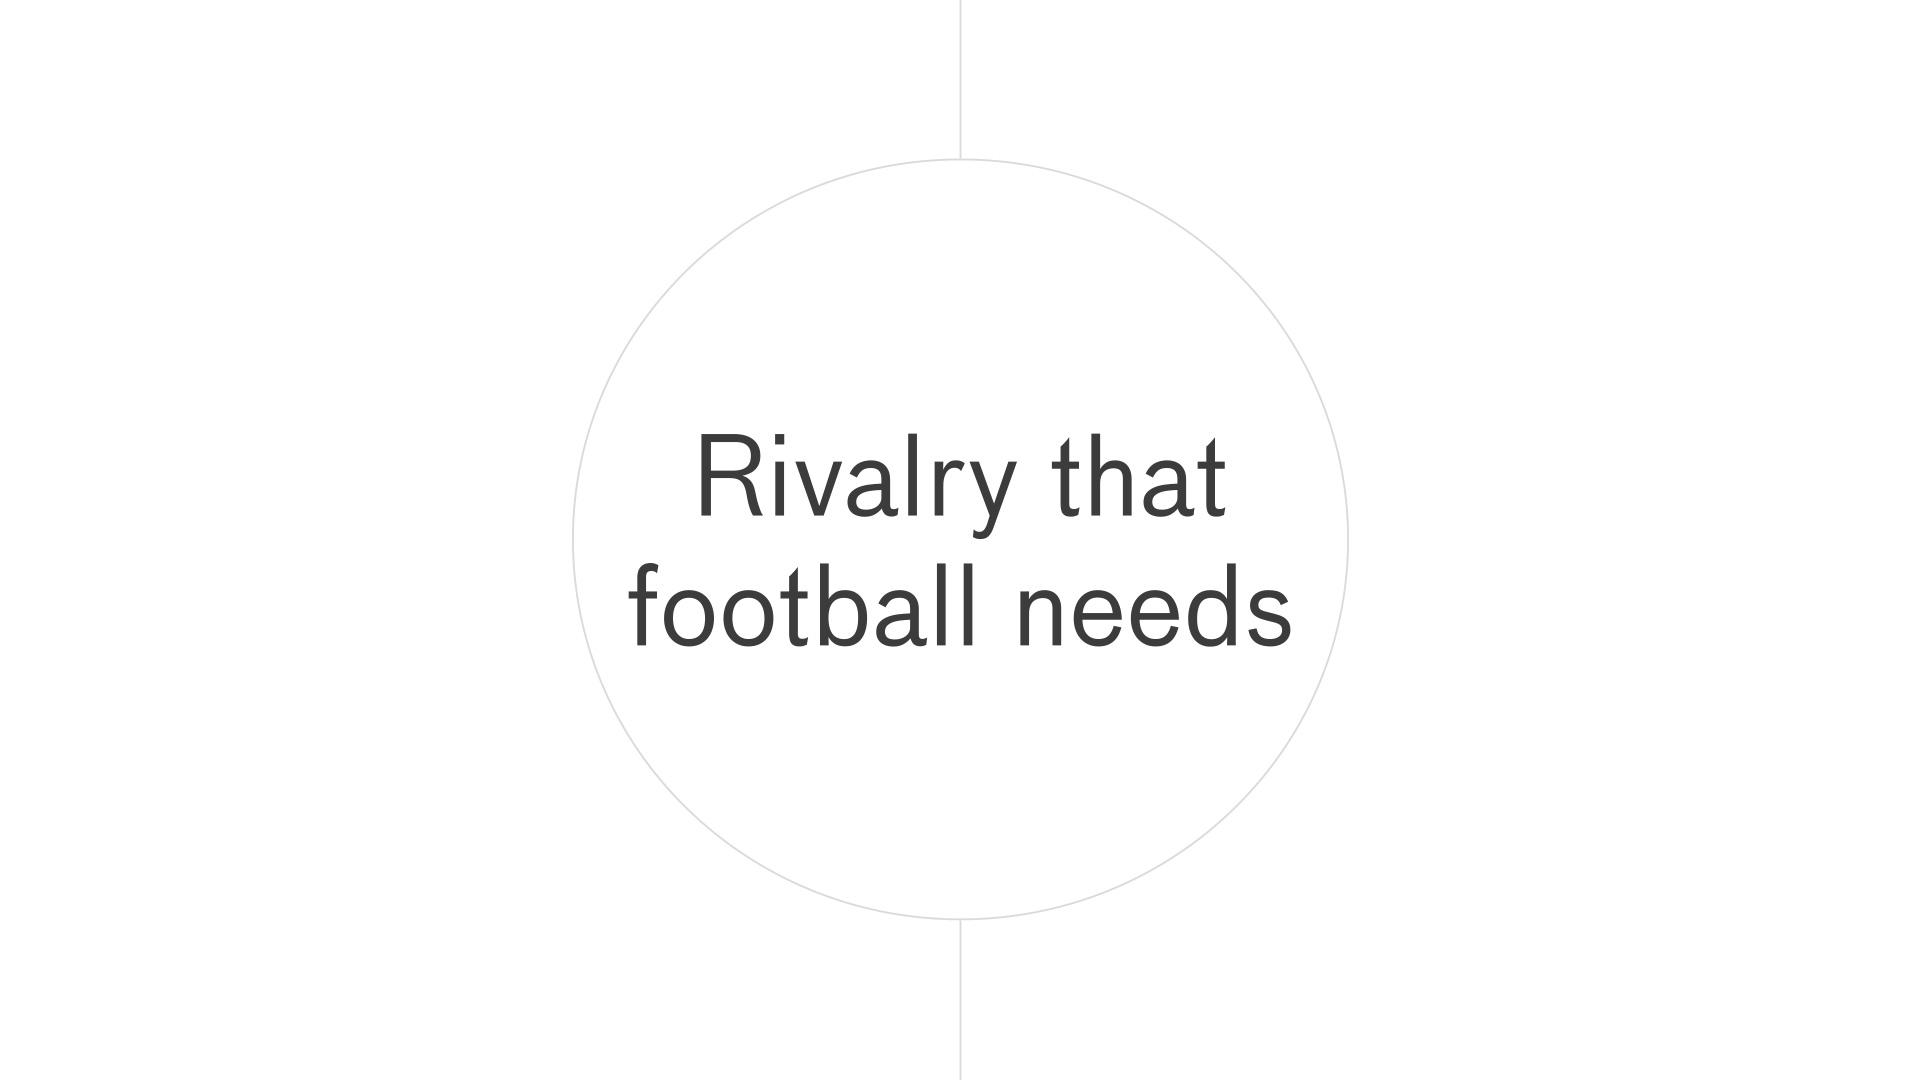 ruckspiel-nike-rivalry-1